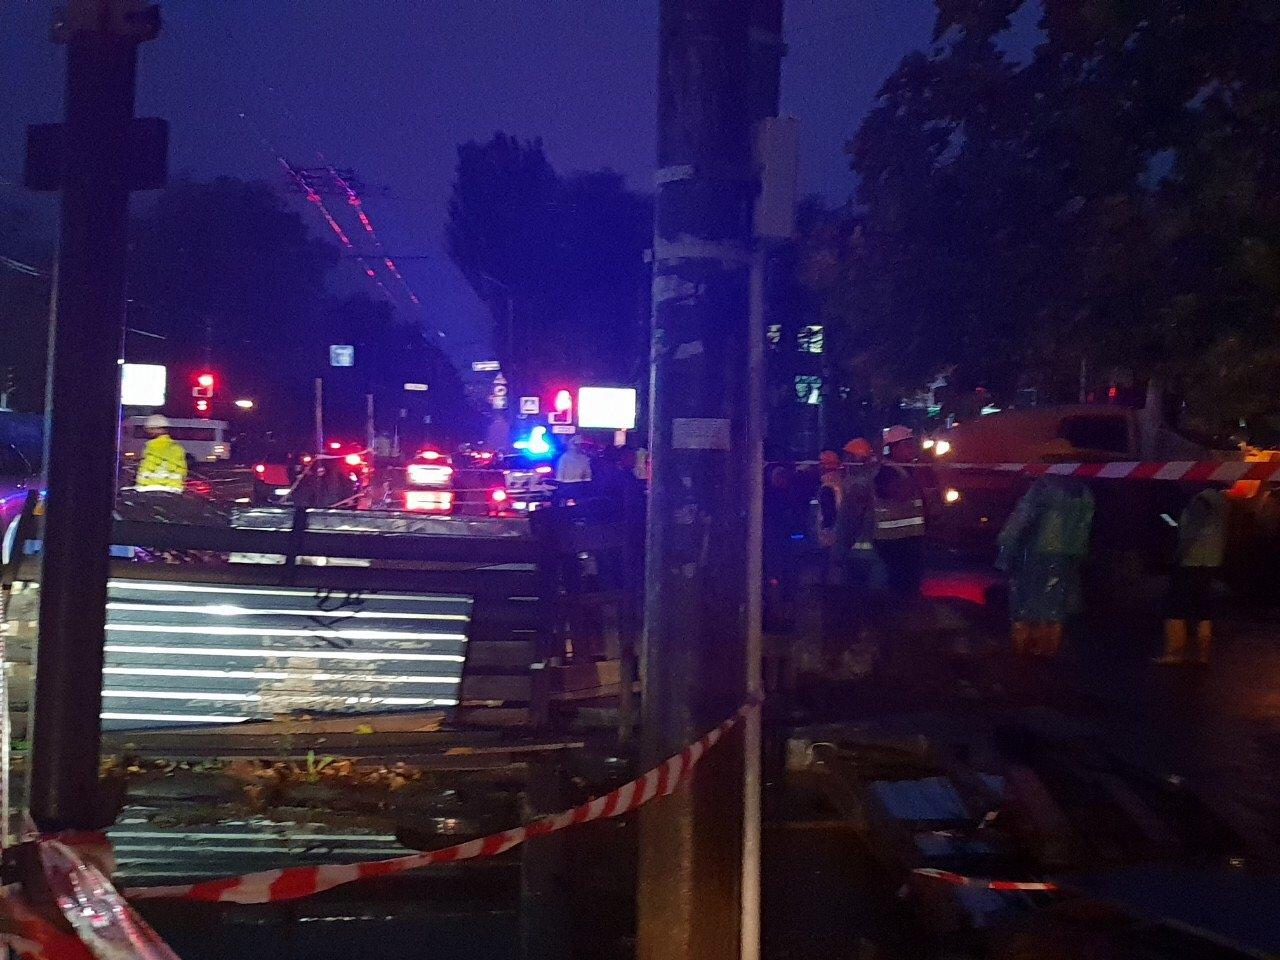 В Днепре треснула стена общежития, студентов эвакуировали: завтра перекроют центральный проспект, - ФОТО, фото-5